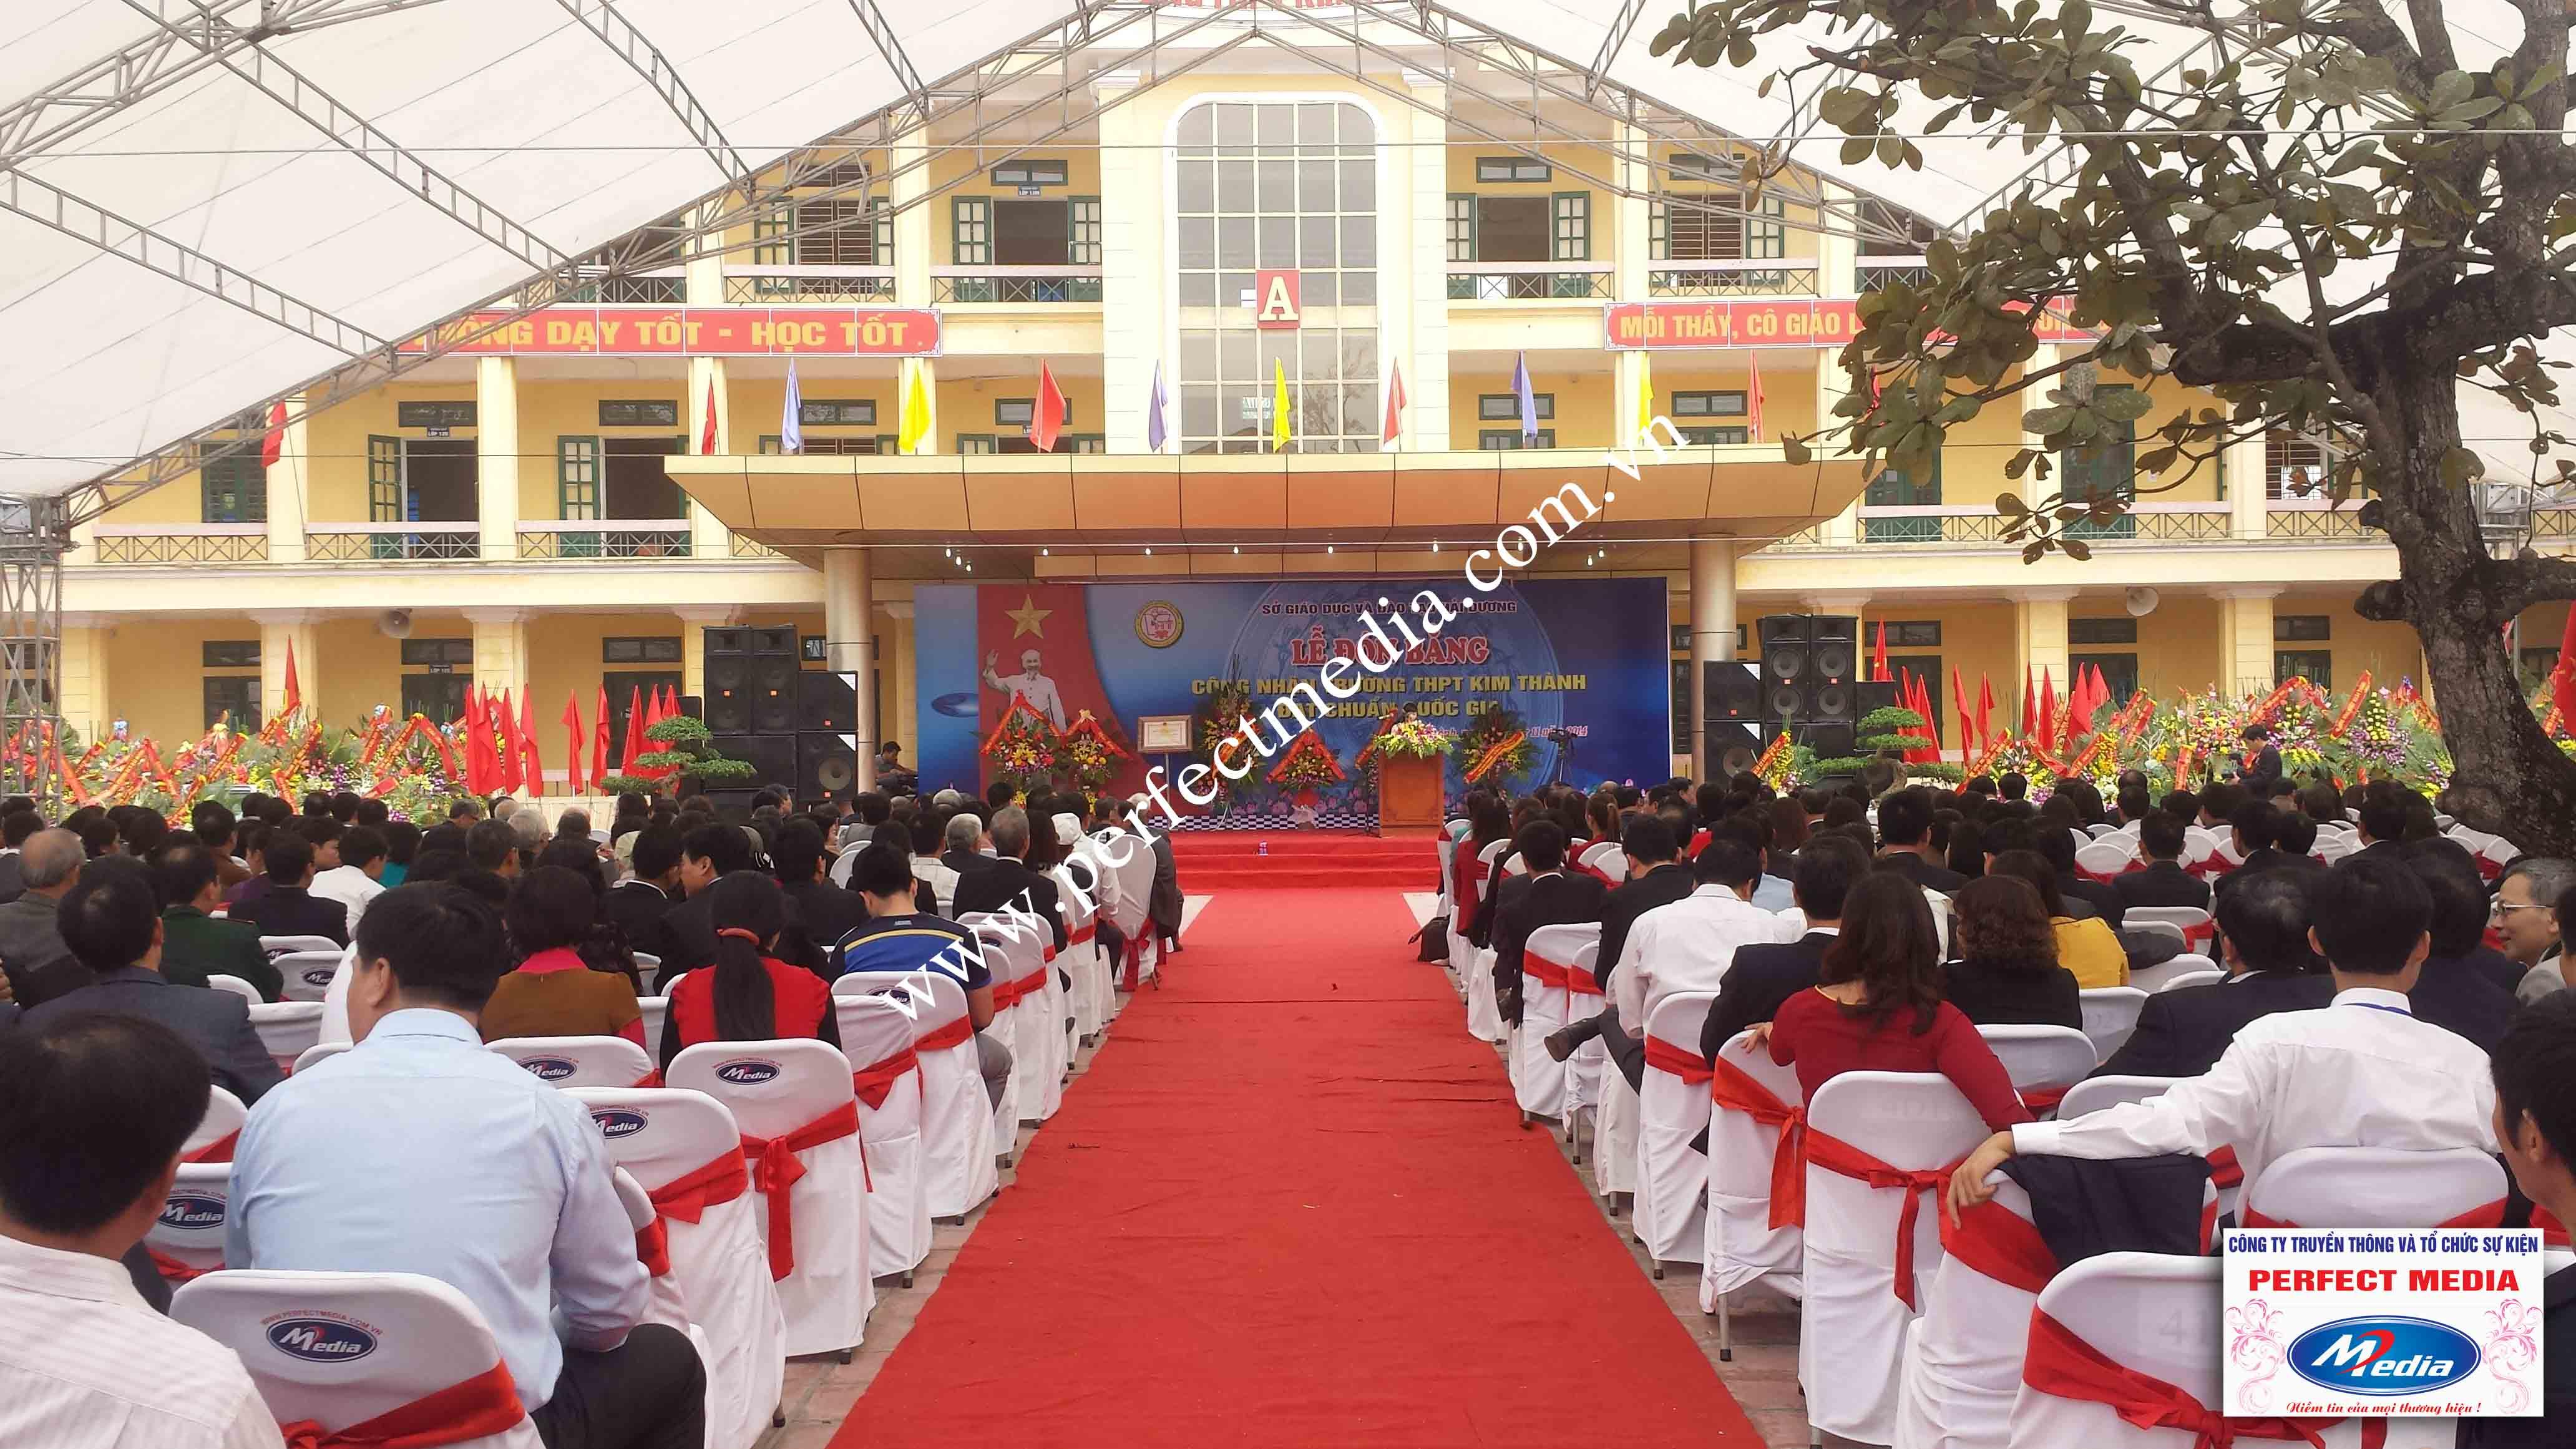 Hình ảnh buổi lễ Trường THPT Kim Thành được công nhận đạt chuẩn Quốc Gia 08